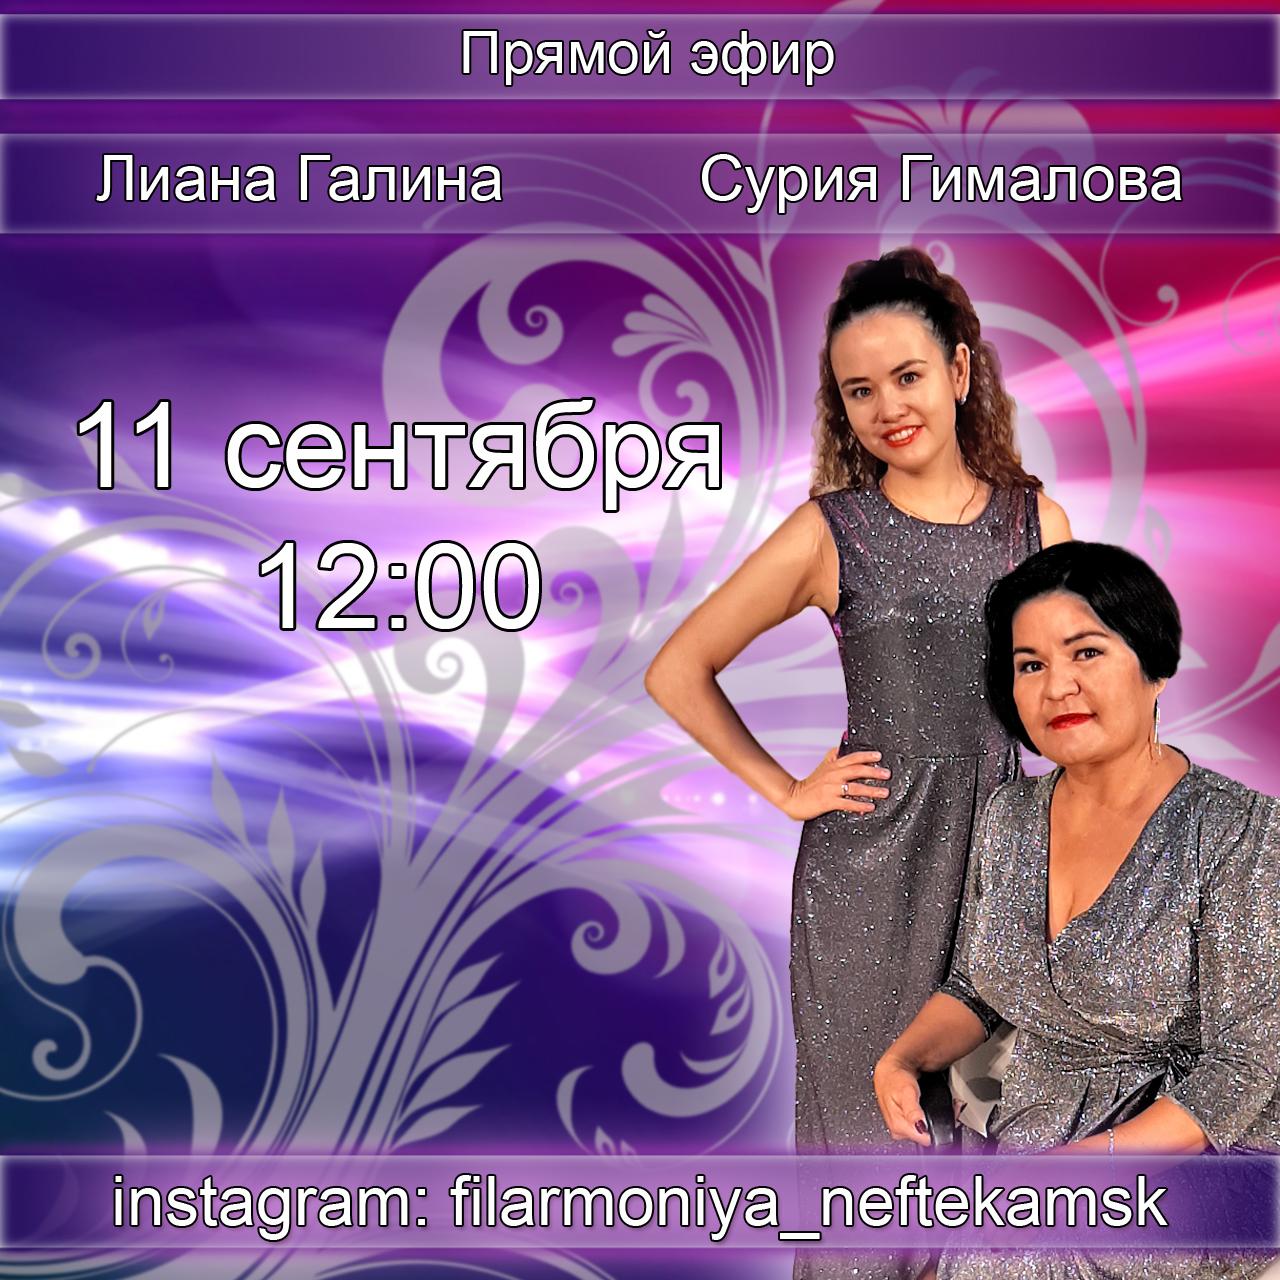 Прямой эфир Сурии Гималовой и Лианы Галиной!